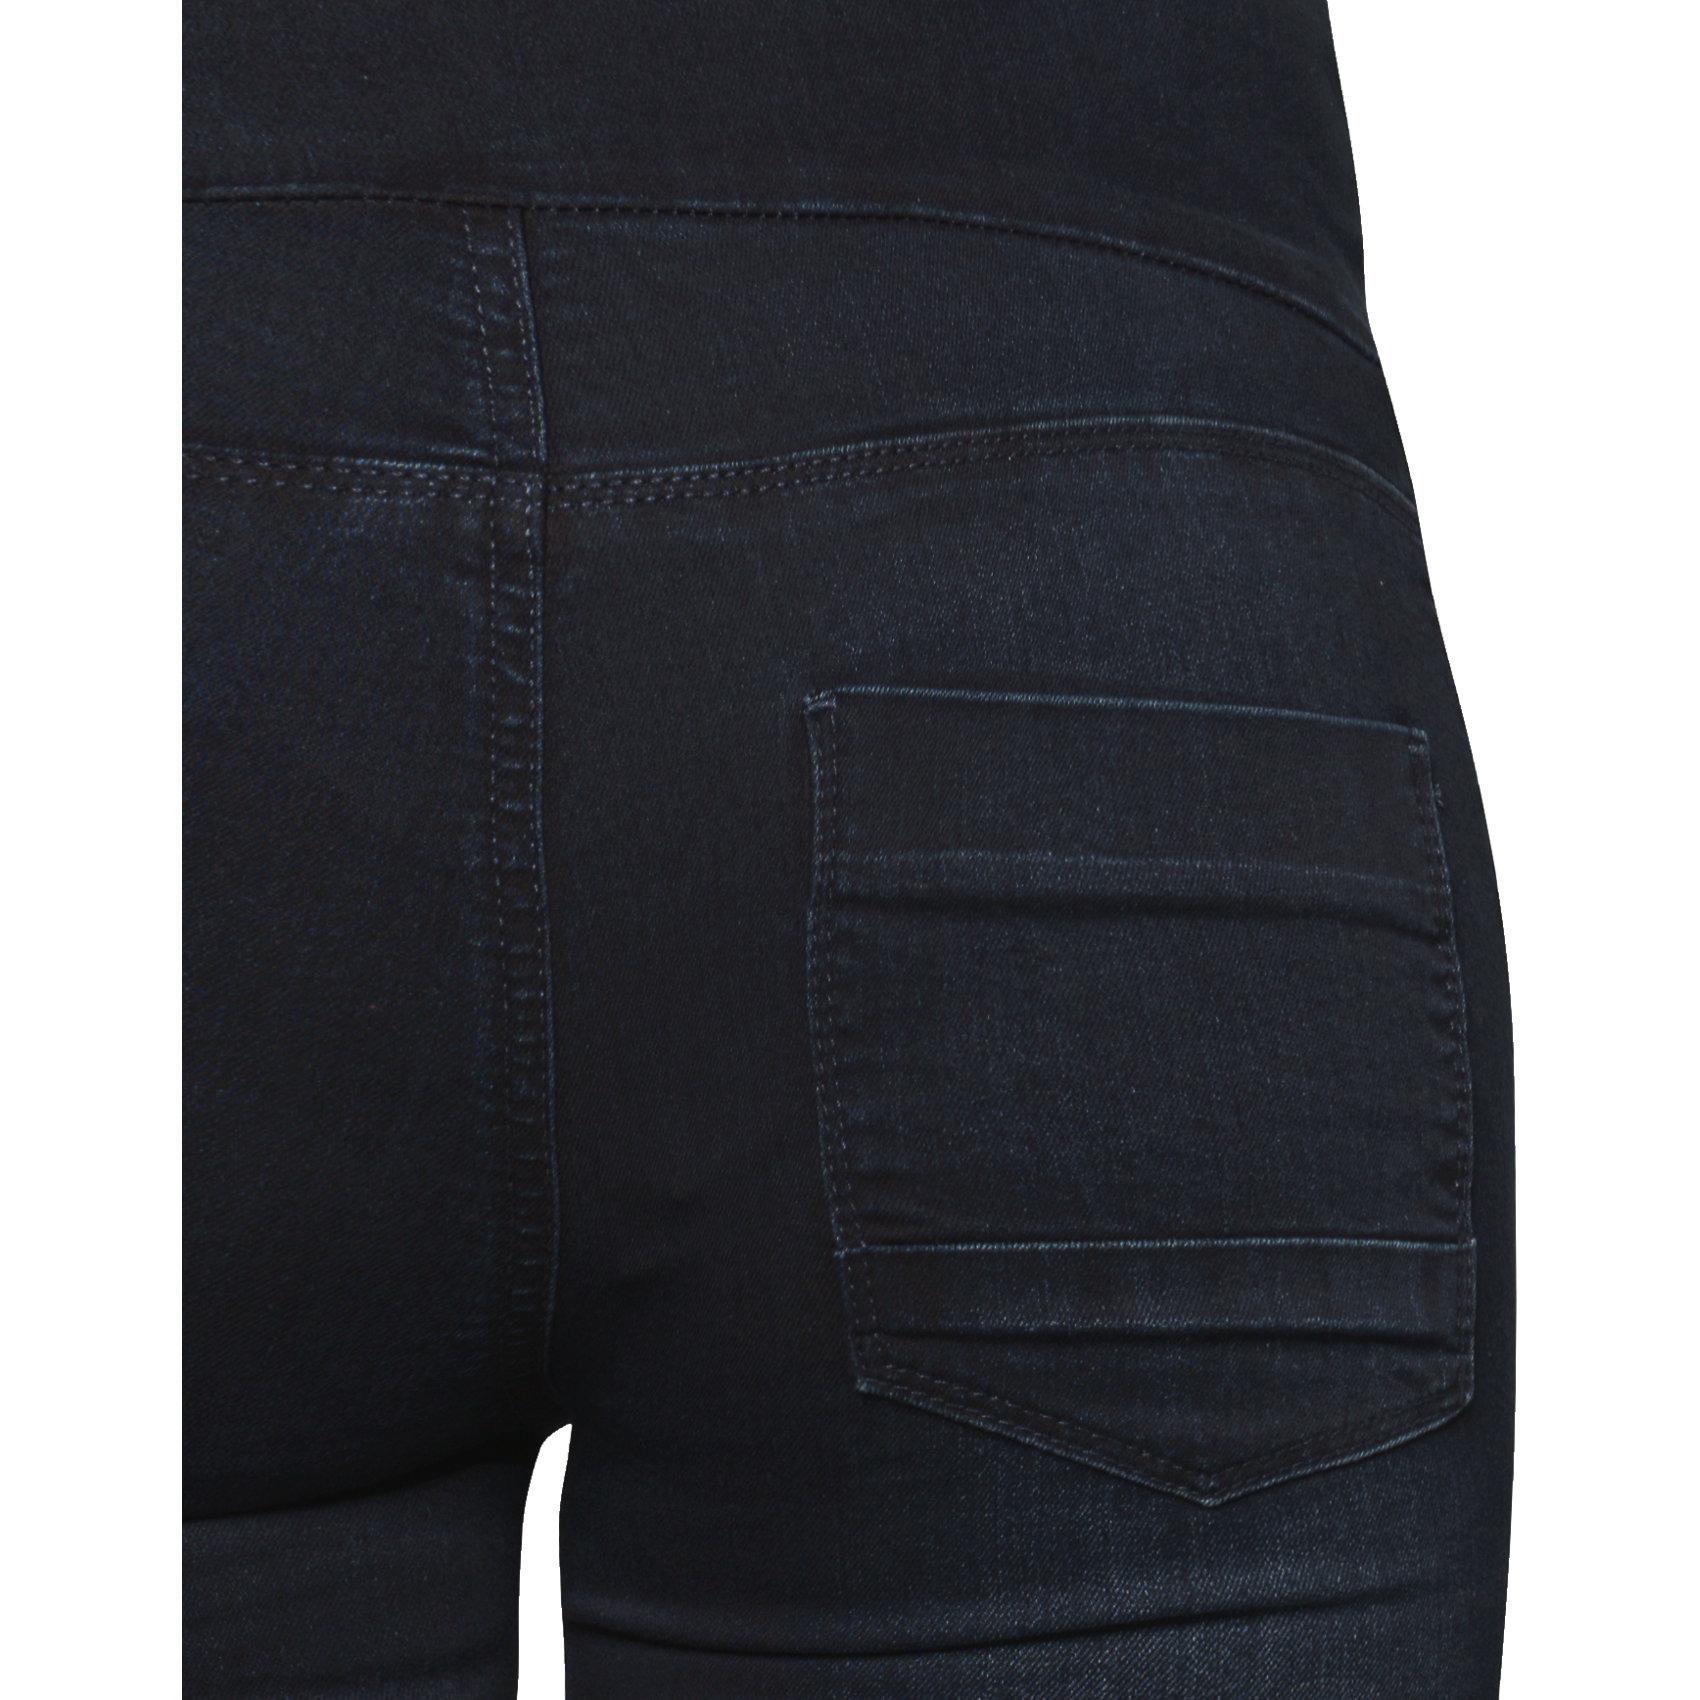 Neu ESPRIT for mums Umstandsjeans 6762121 für Damen dark blue denim